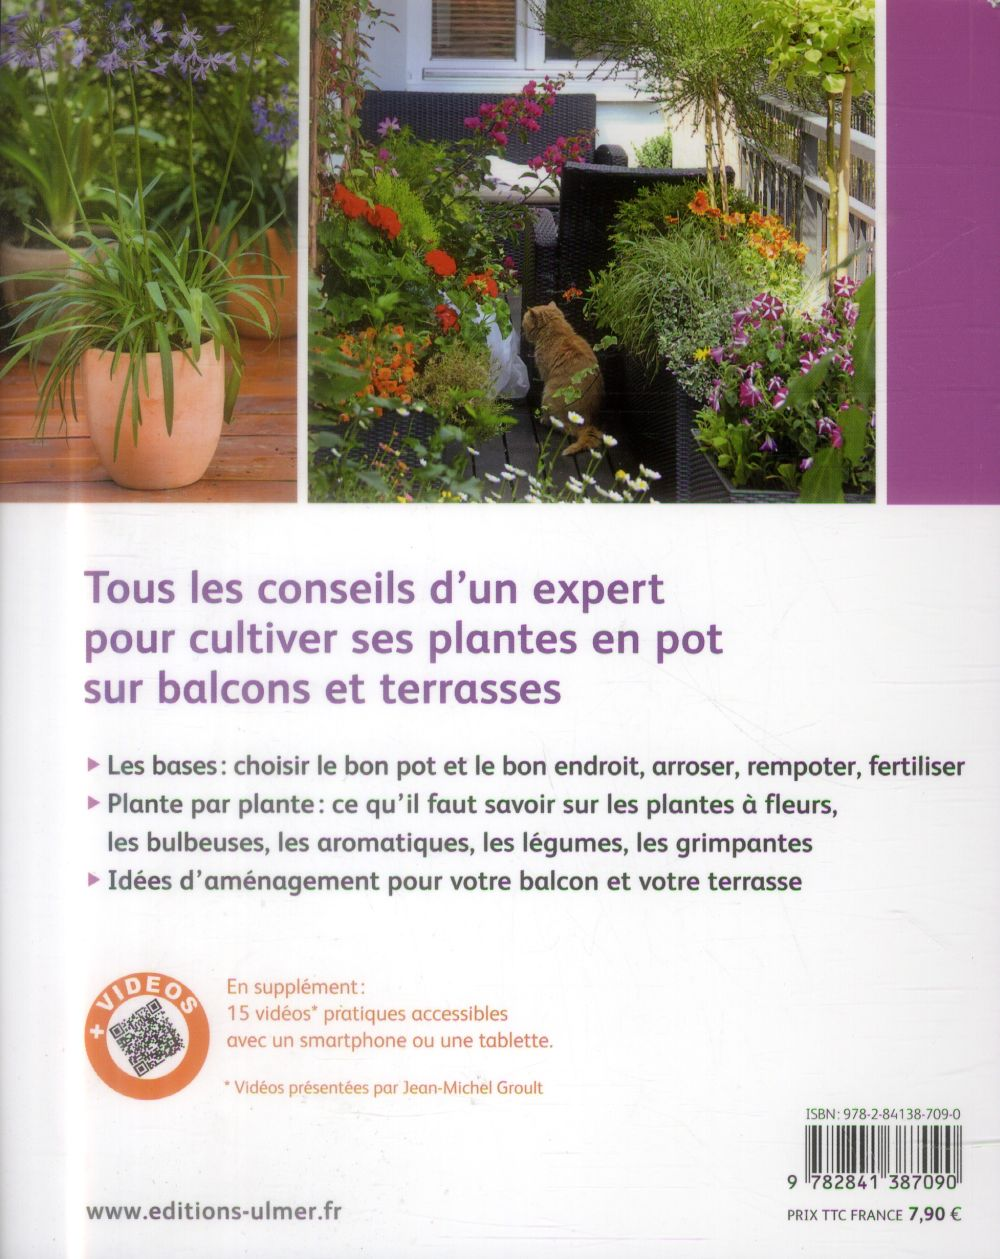 Jardiner sur mon balcon ; l'essentiel pour réussir la culture des plantes en pot